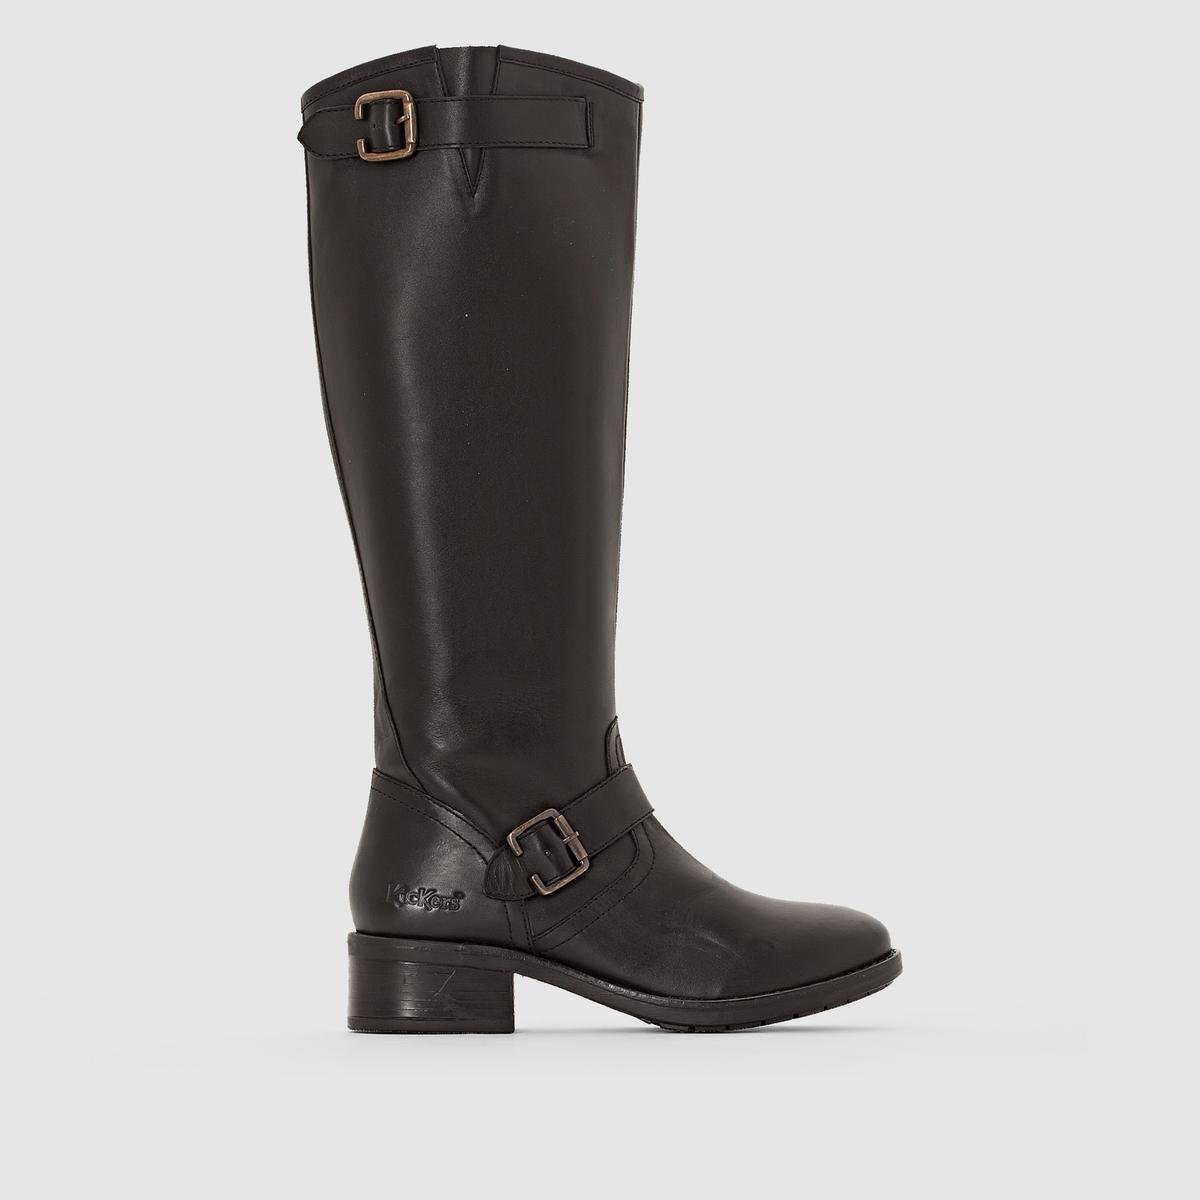 Сапоги кожаные PAULINПодкладка: Текстиль + спилок кожиСтелька: Спилок кожиПодошва: Каучук   Высота каблука: 38 см.   Высота каблука: 4 см.   Форма каблука: ШирокийНосок: Закругленный   Застежка: На молнии<br><br>Цвет: черный